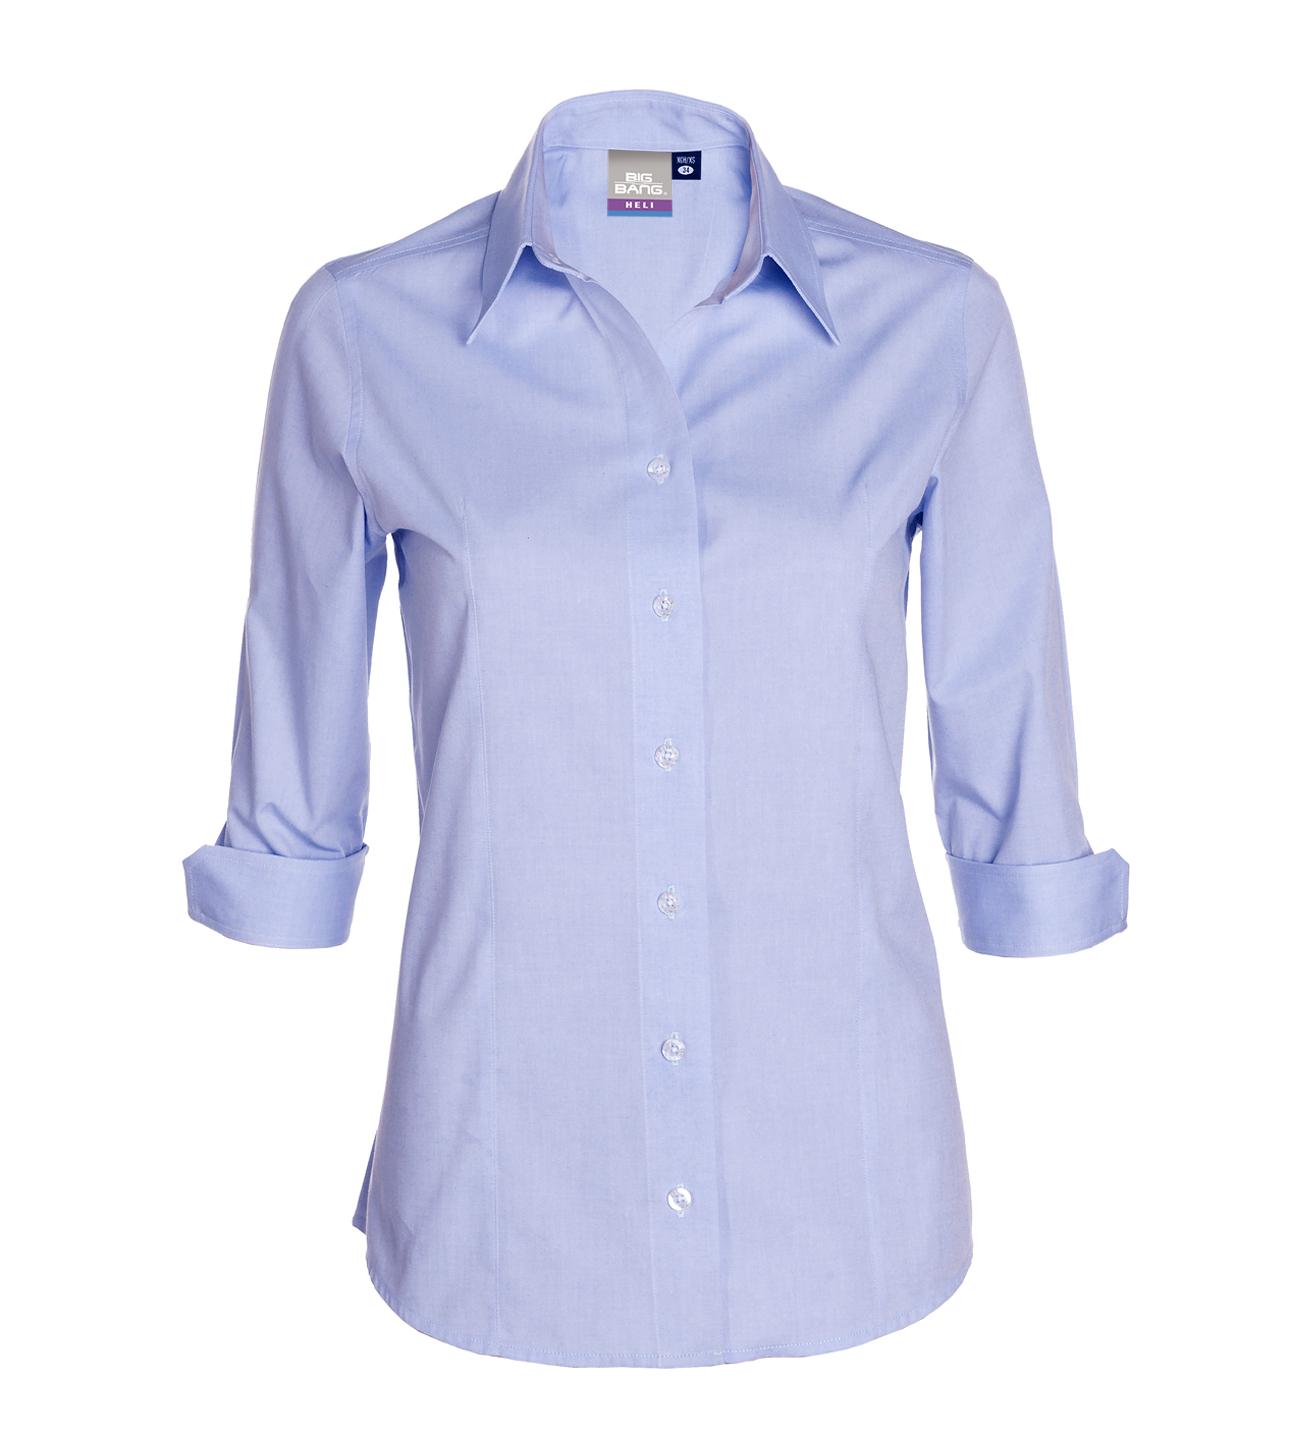 Heli Uniformes De Camisa Empresa Unidel Venta Uniforma 34 Tu nWAPzAR